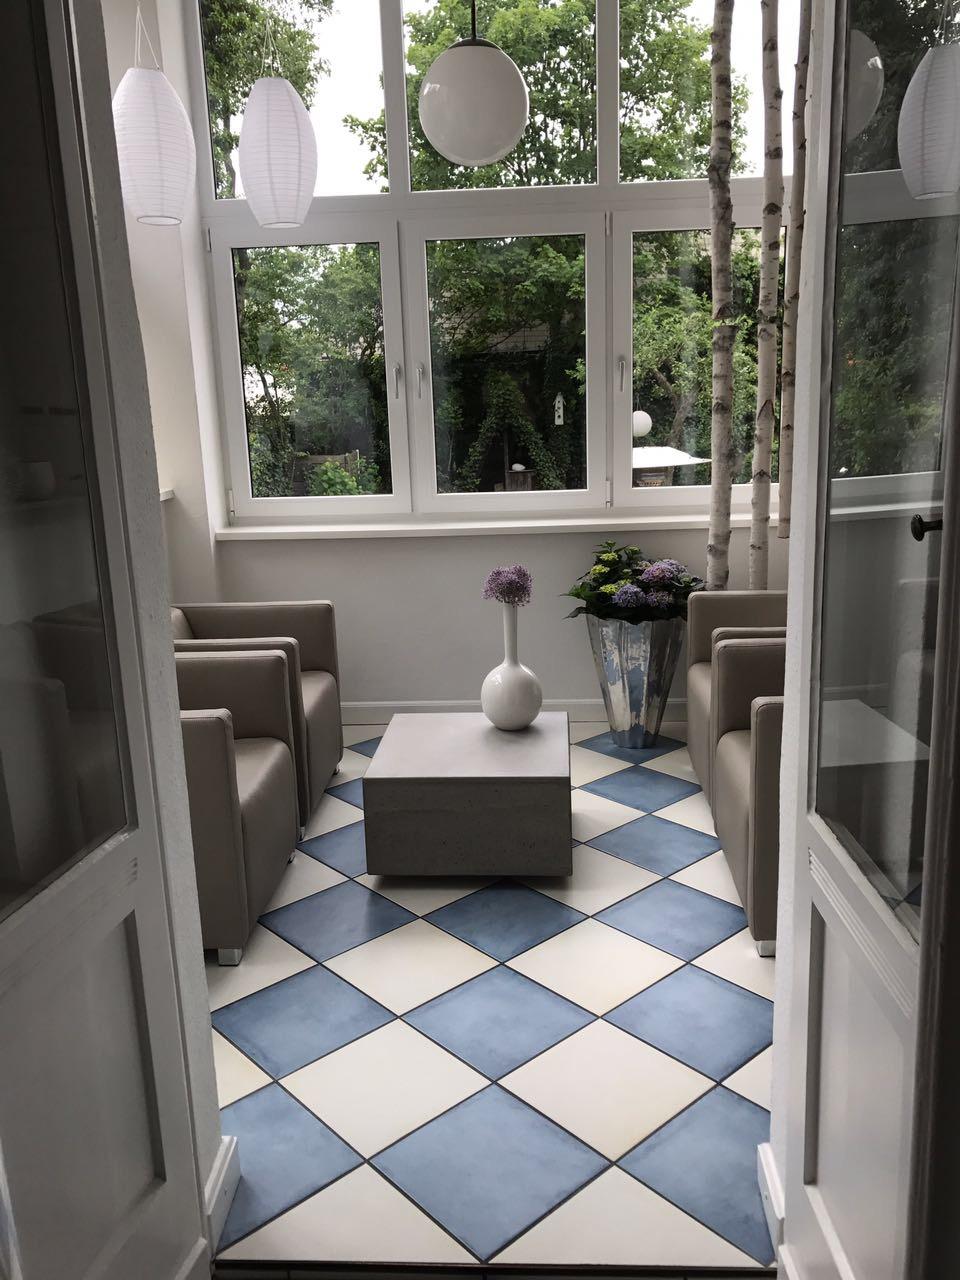 Beton tisch betoncouchtisch wohnzimmertisch for Marmor wohnzimmertisch